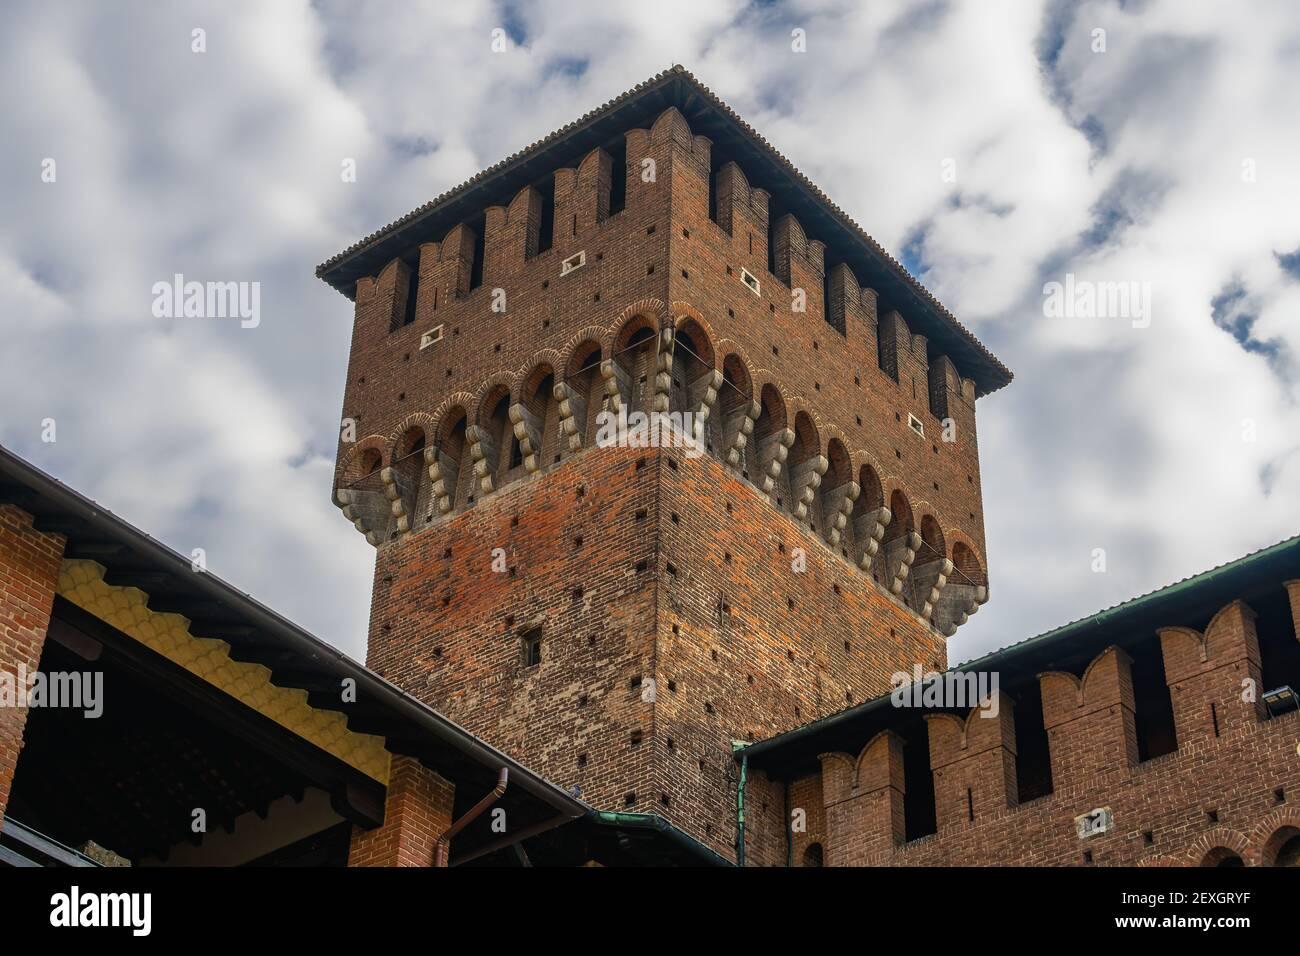 Milan, Italie cour à angle bas vue de jour du château de Sforzesco Moat, Castello Sforzesco forteresse médiévale avec des crénelations contre le ciel de nuages puffy. Banque D'Images